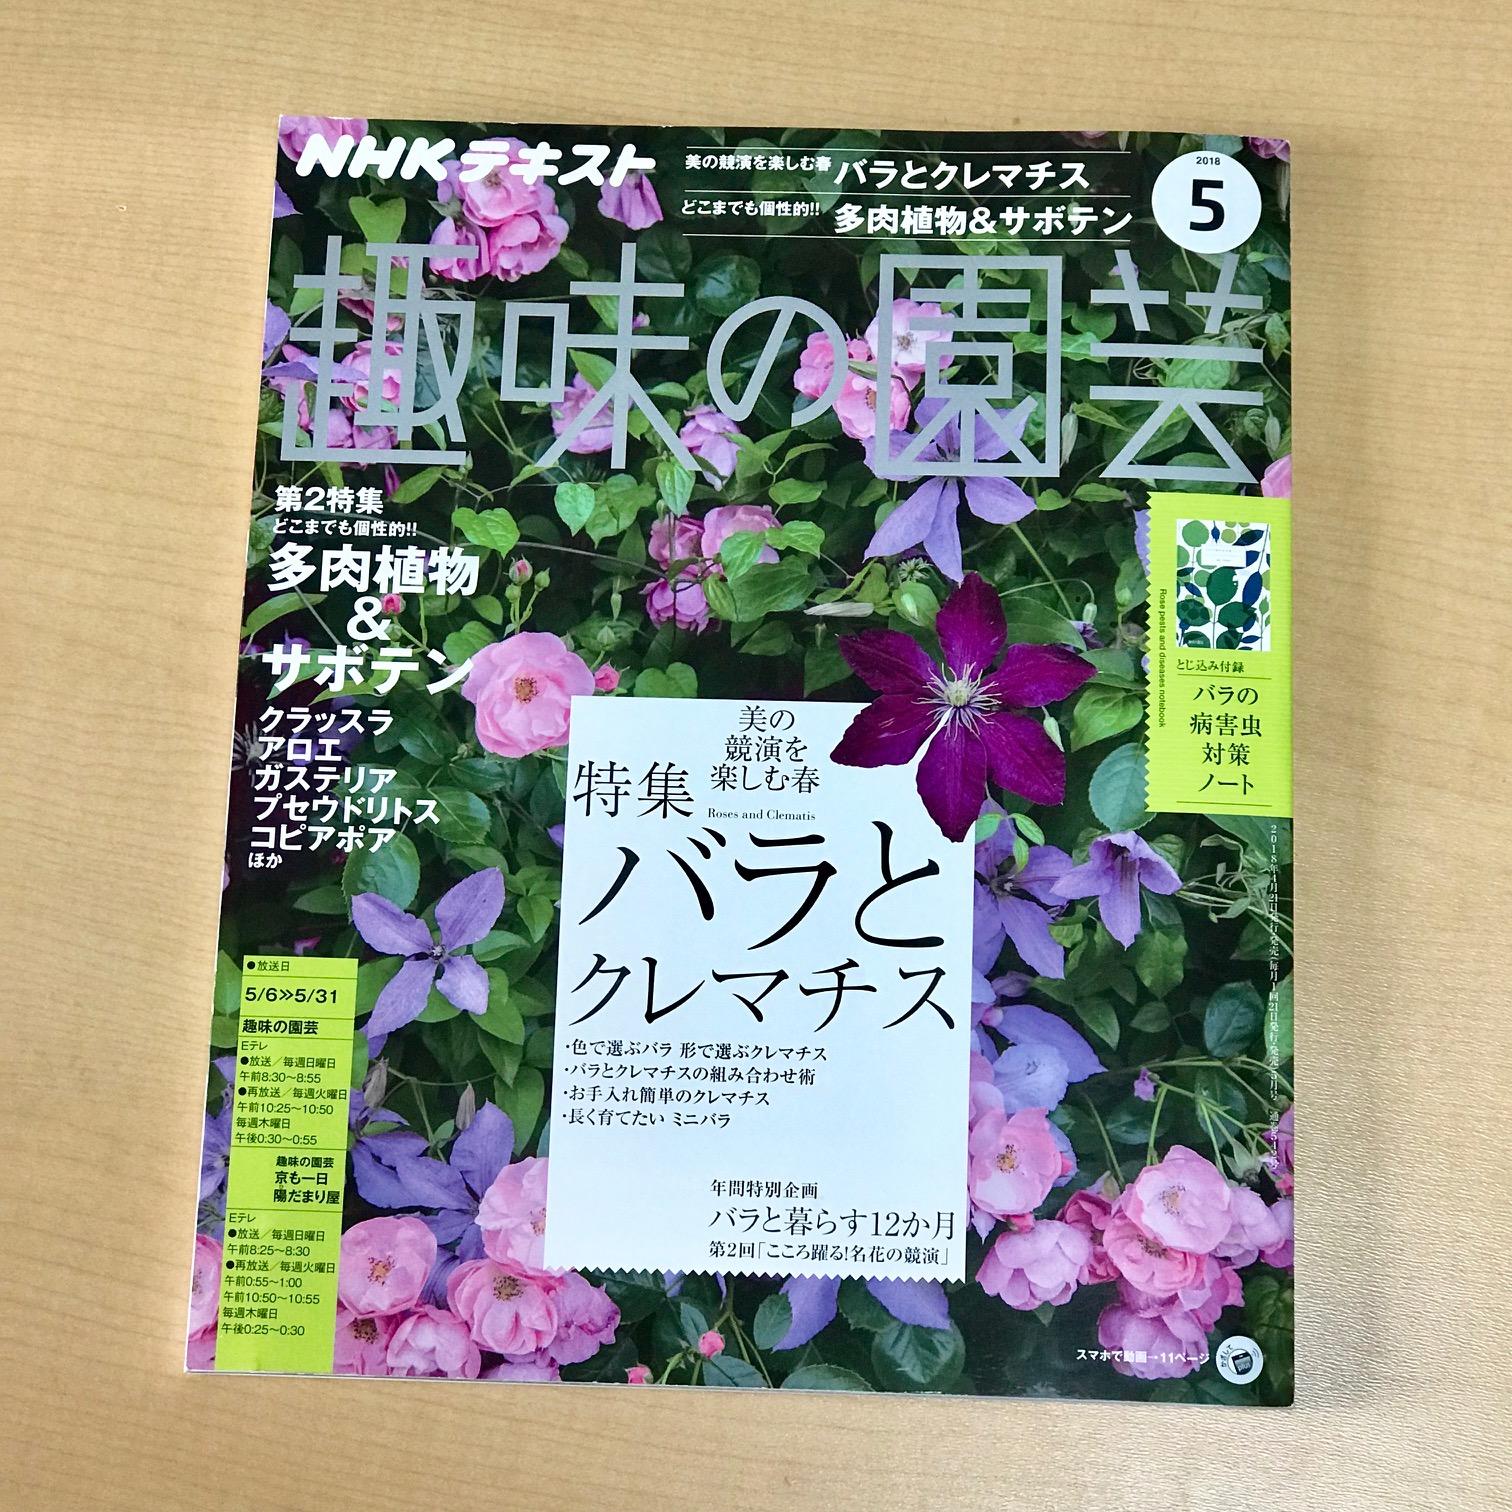 趣味の園芸5月号はバラとクレチマスの特集です